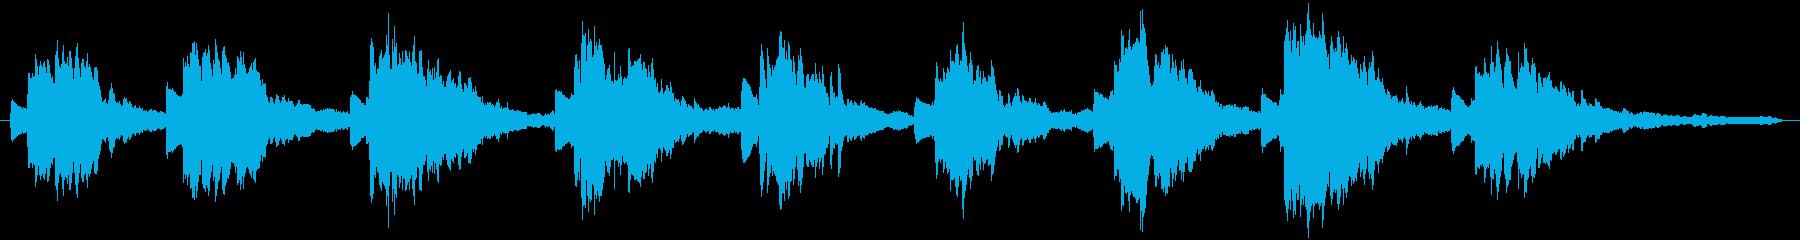 波のような癒し系BGM/ピアノ生演奏の再生済みの波形